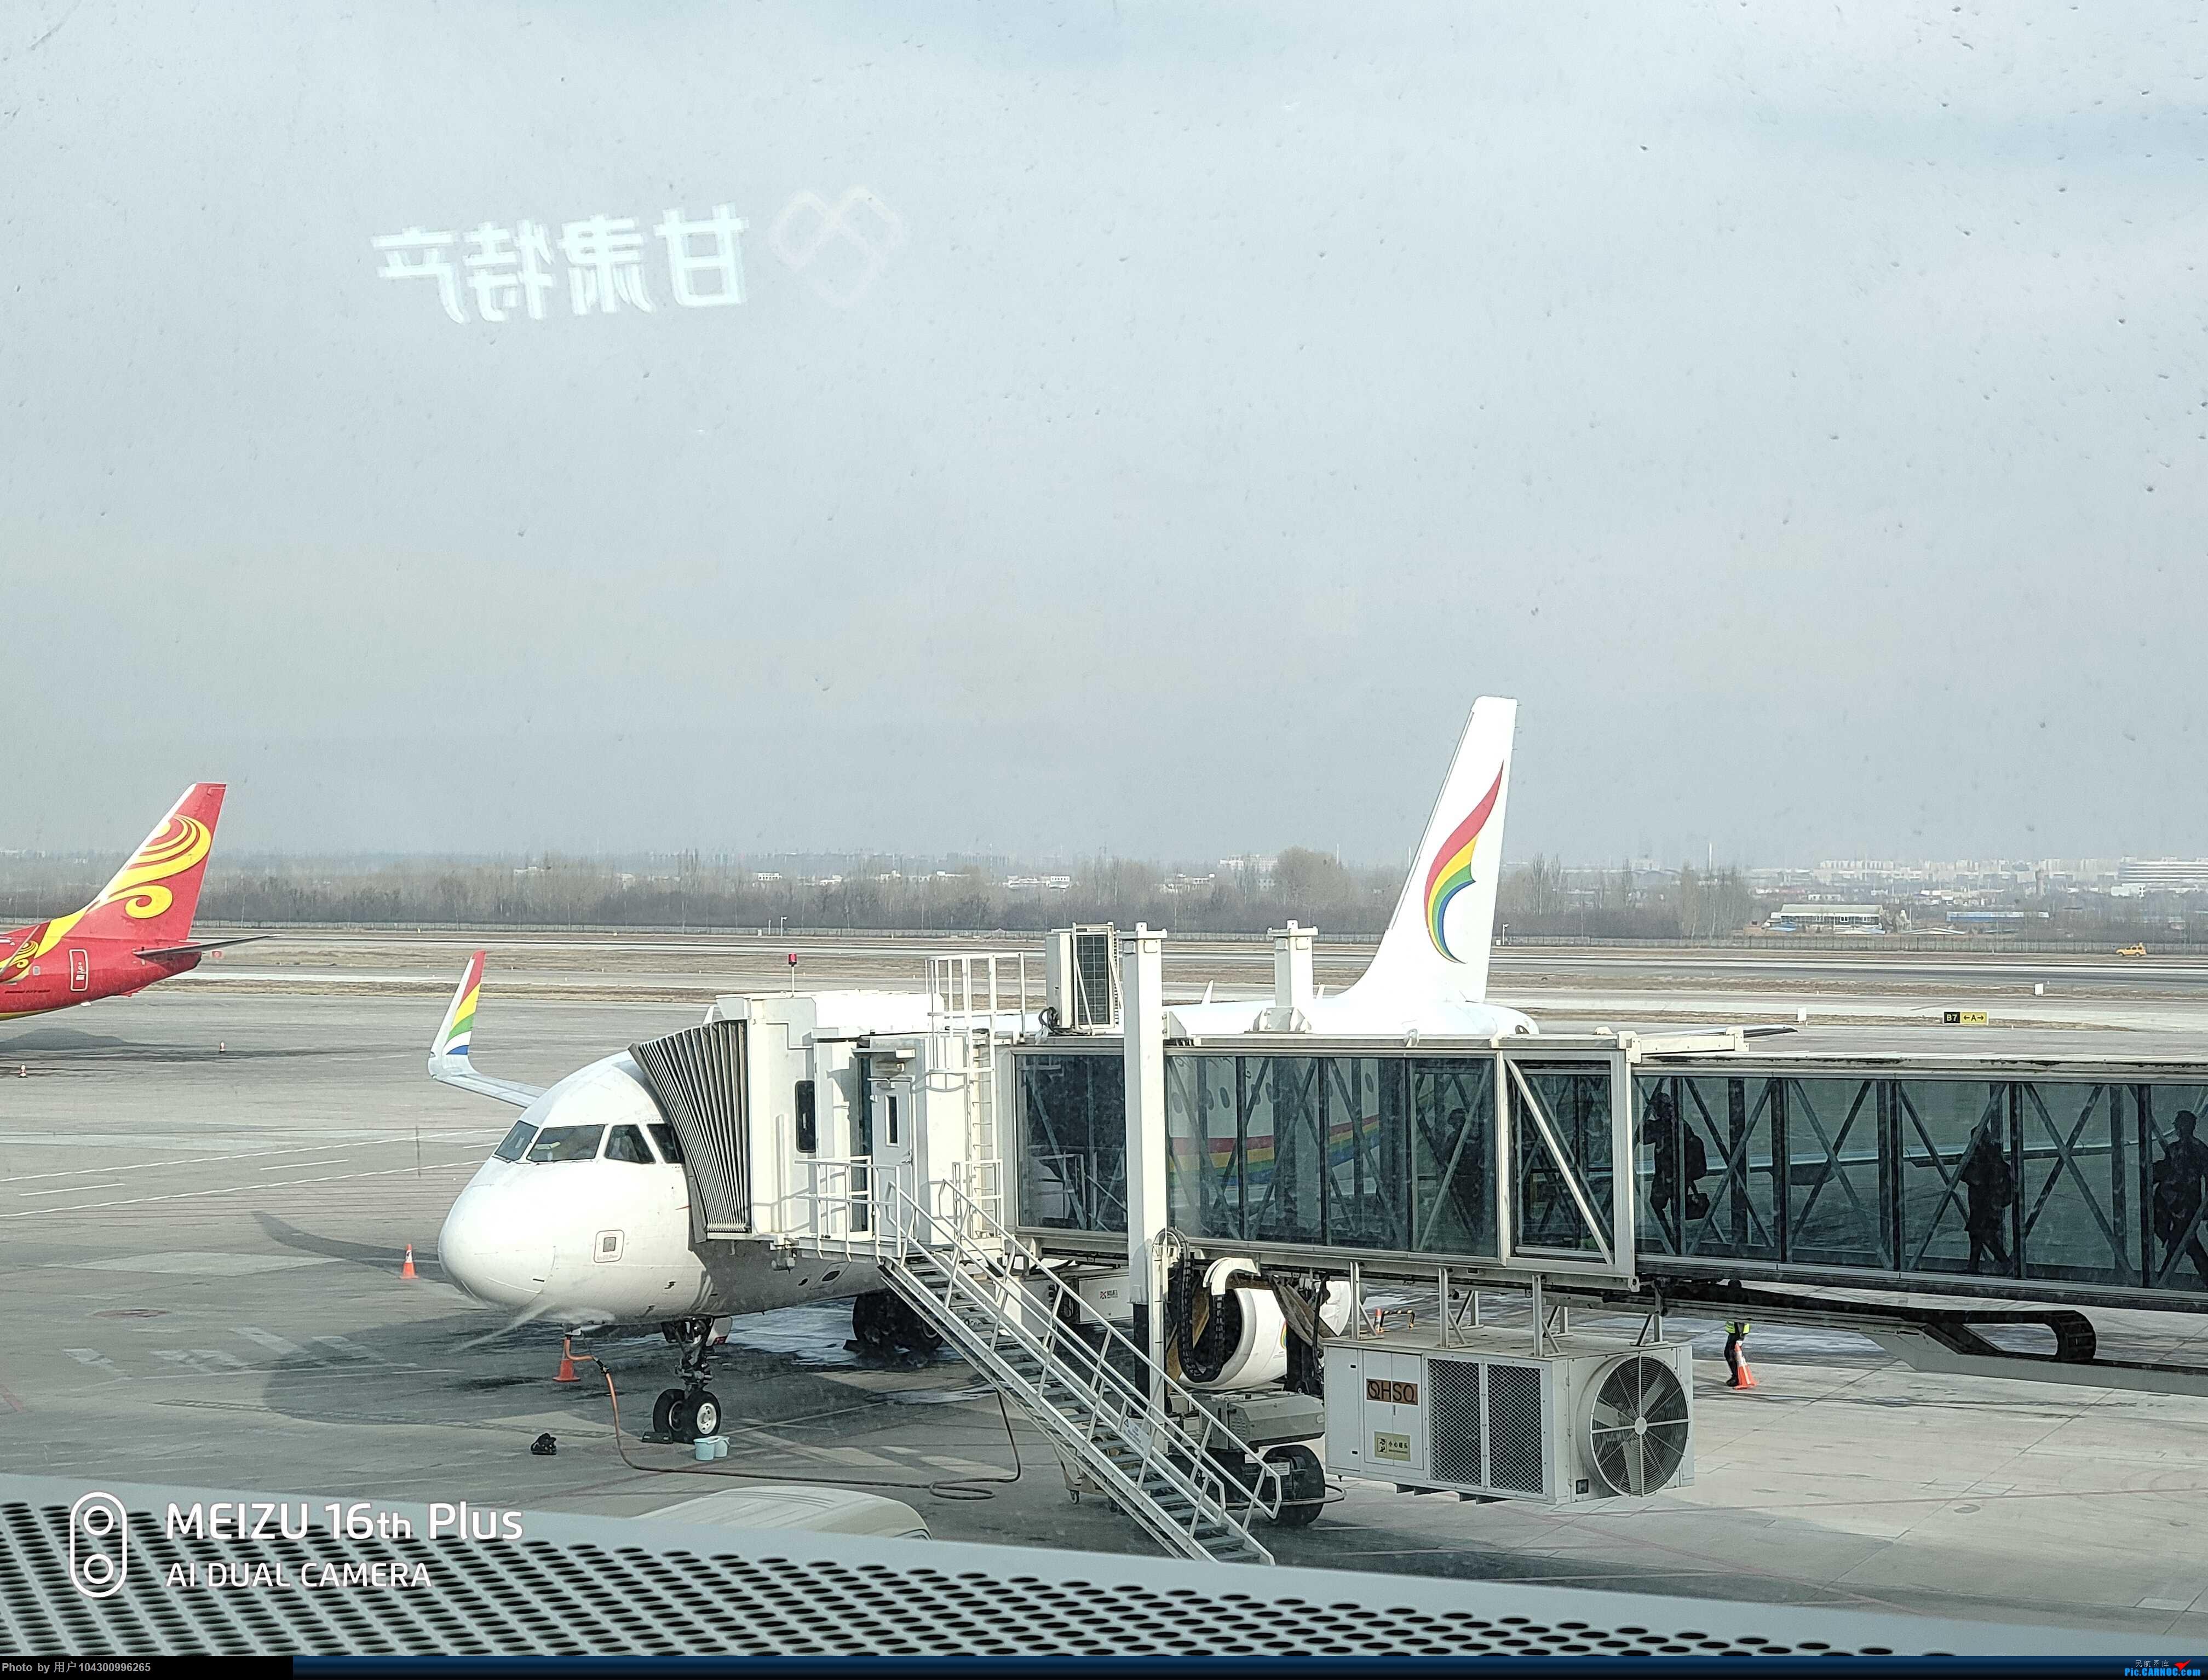 Re:[原创]DM游记之AQ&TV贵阳-兰州往返 AIRBUS A319-100 B-6441 中国兰州中川国际机场